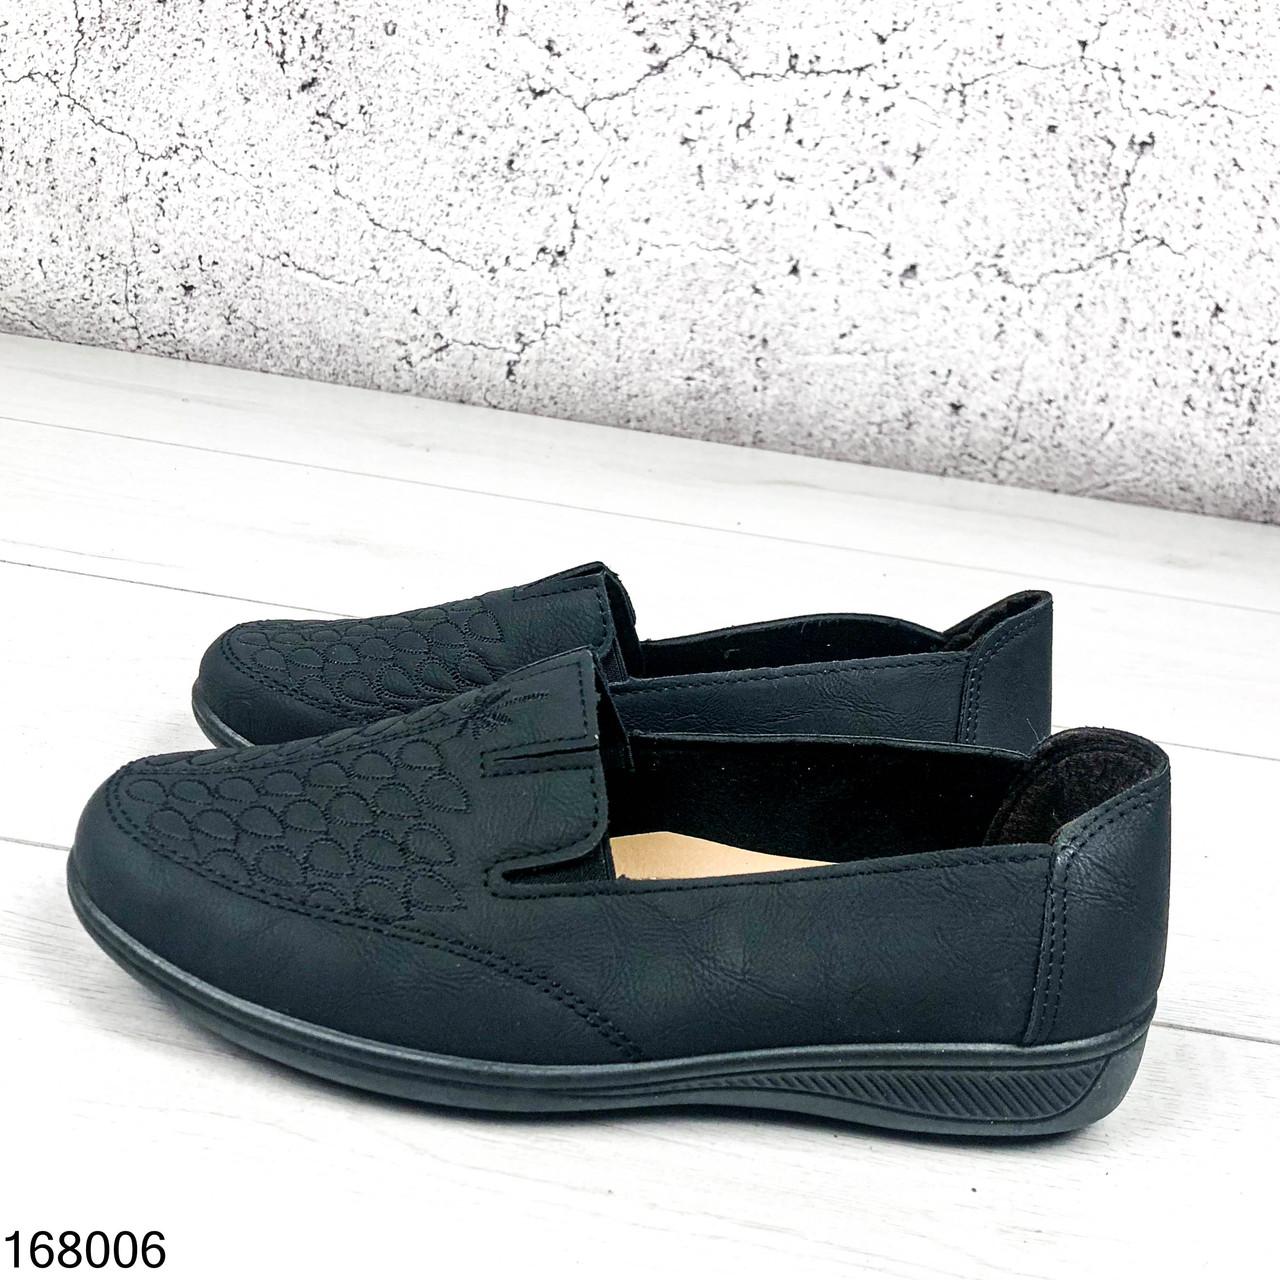 Туфлі жіночі чорні Nadin на рівній підошві з м'якої еко шкіри   Мокасини жіночі без шнурків на широку ногу